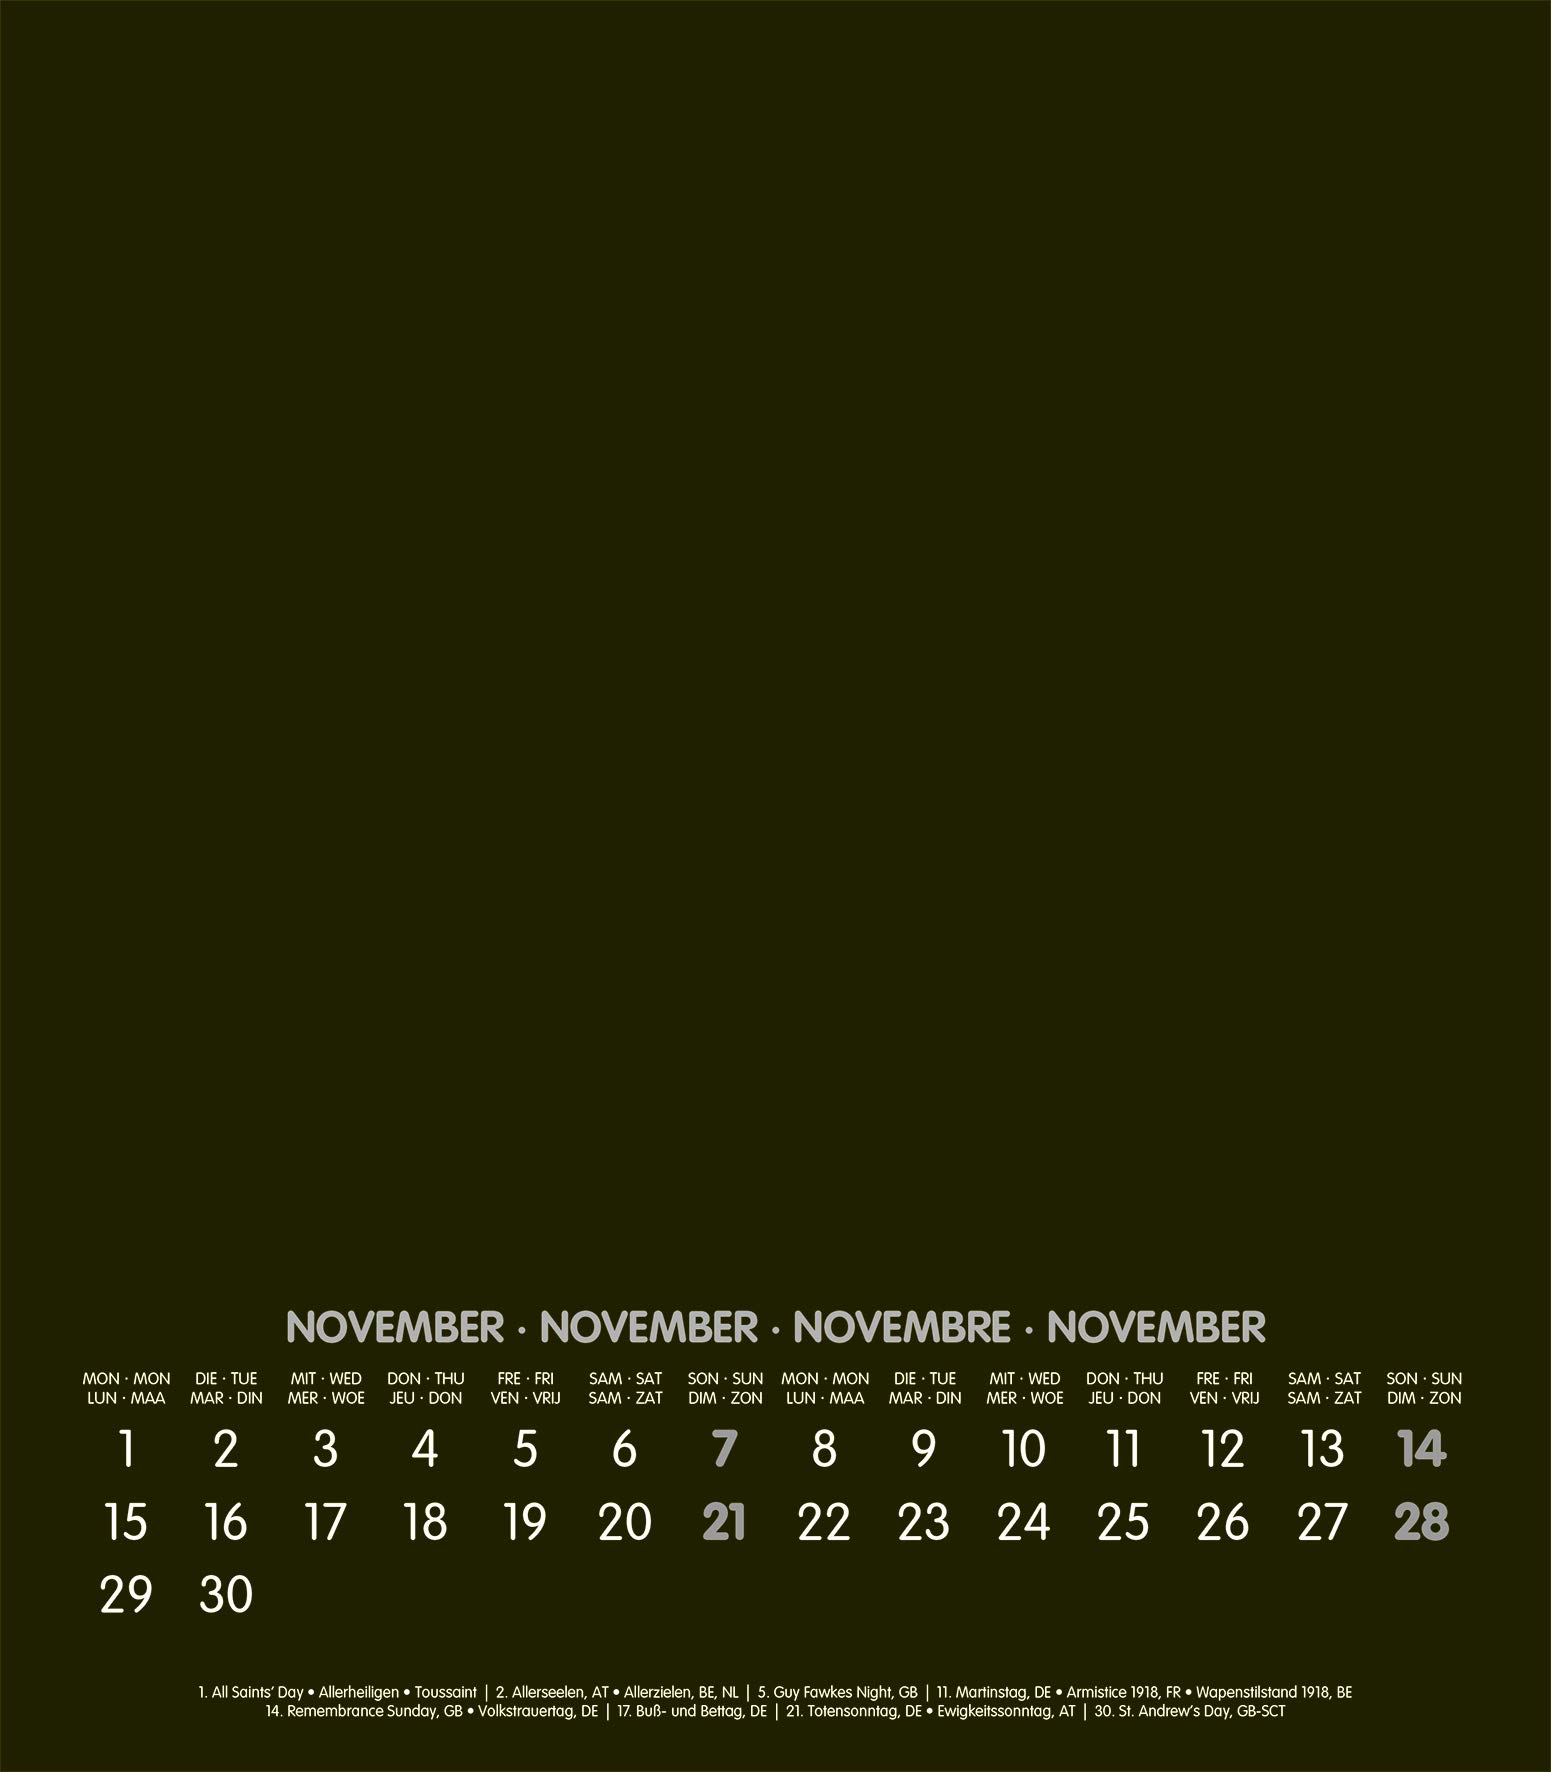 Do It Yourself Schwarz 2021 A I Bastelkalender Diy 21x24 Kalender Zum Selbstgestalten Amazon De Teneues Calendars Stationery Gmbh Co Kg Bucher